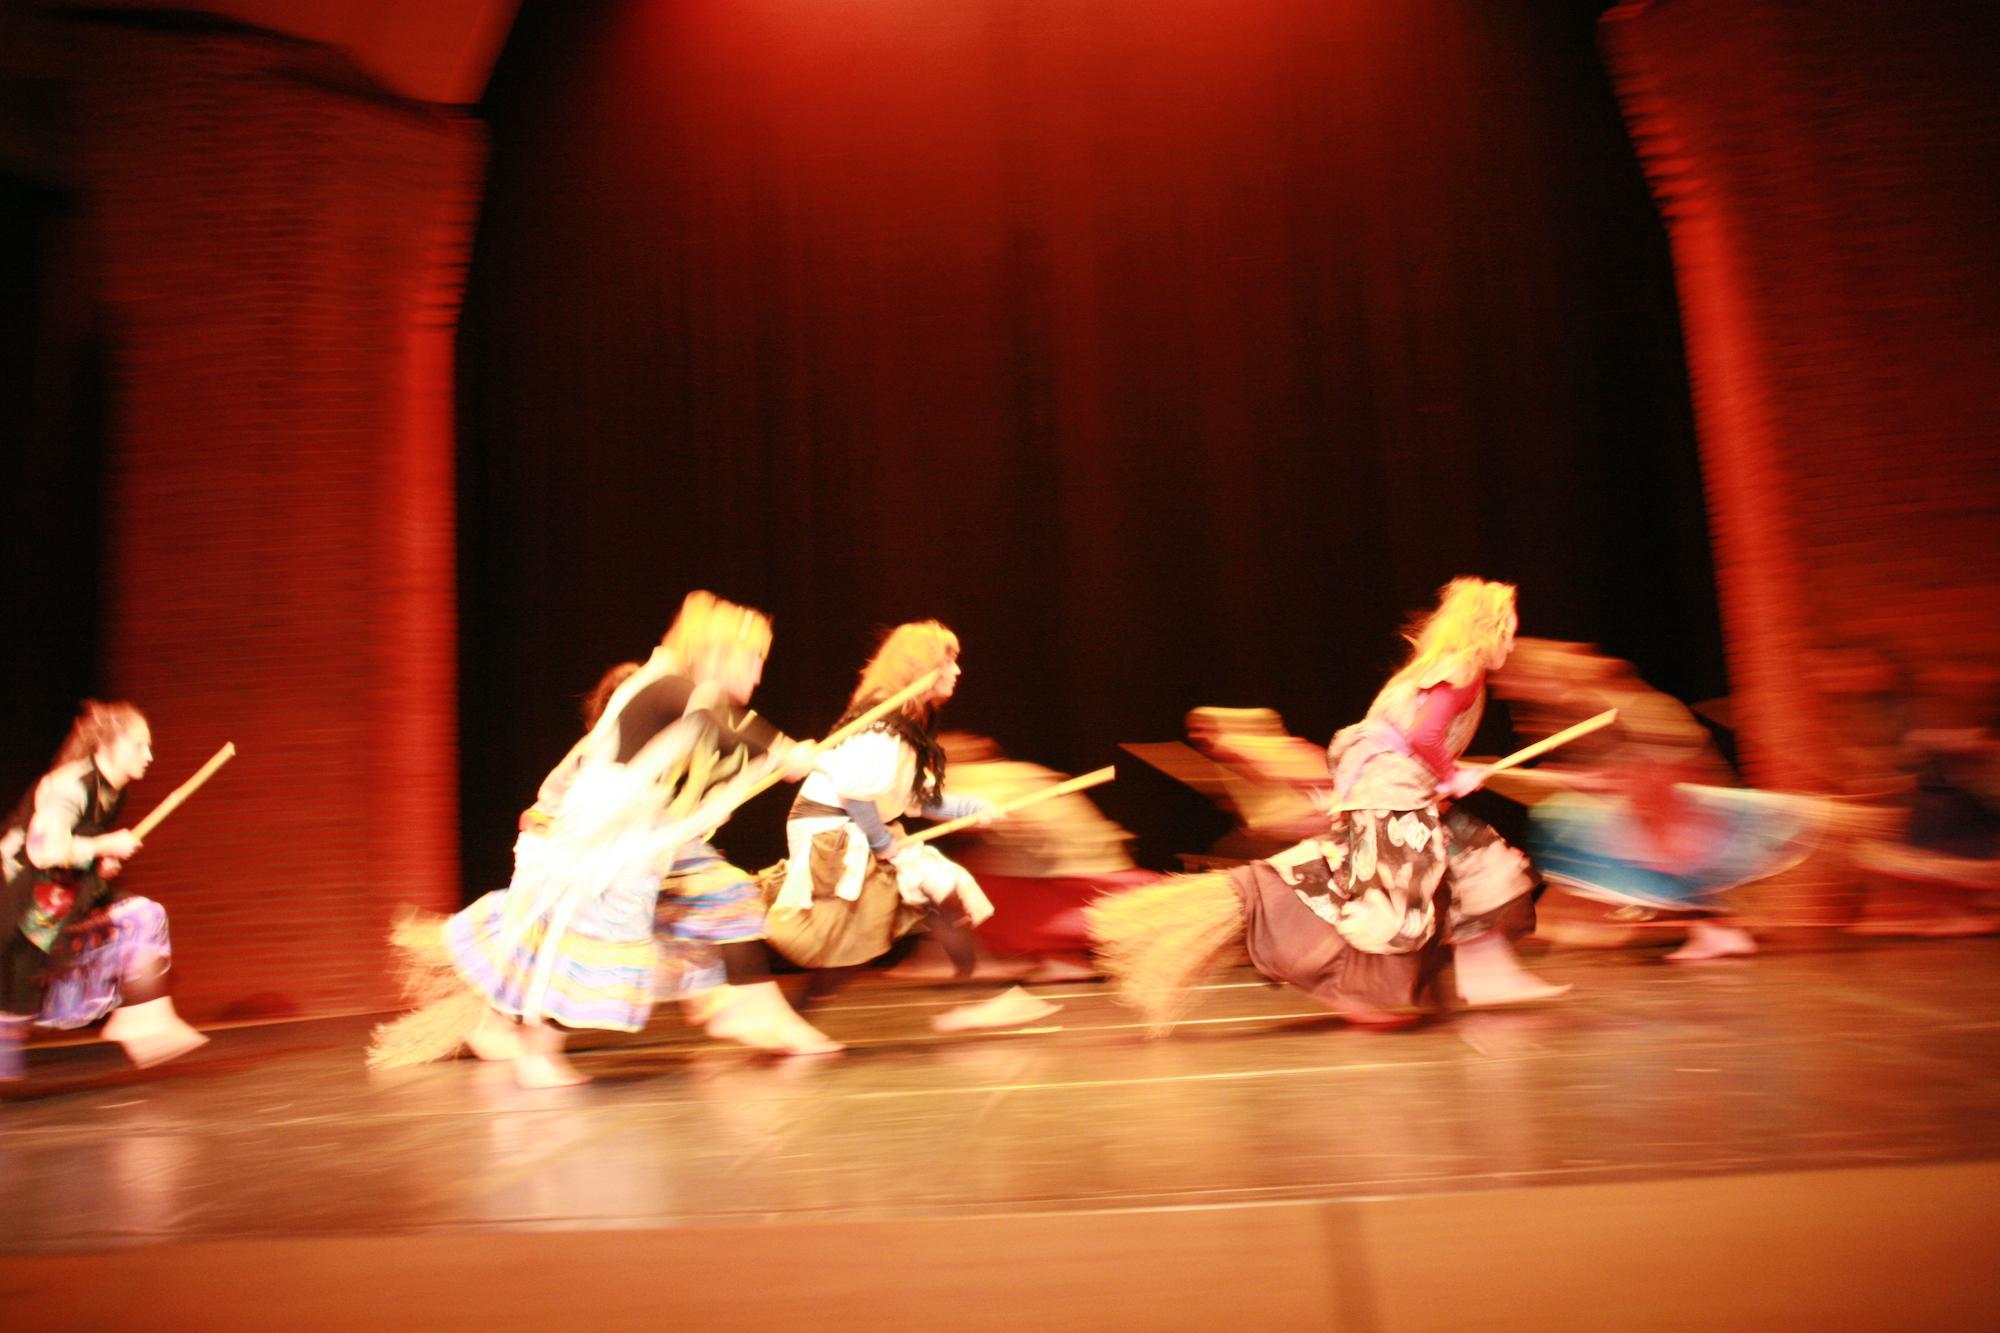 8-IMG_0264lolaroggeschule-kinderauffuehrung-diekleinehexe-herve-2006